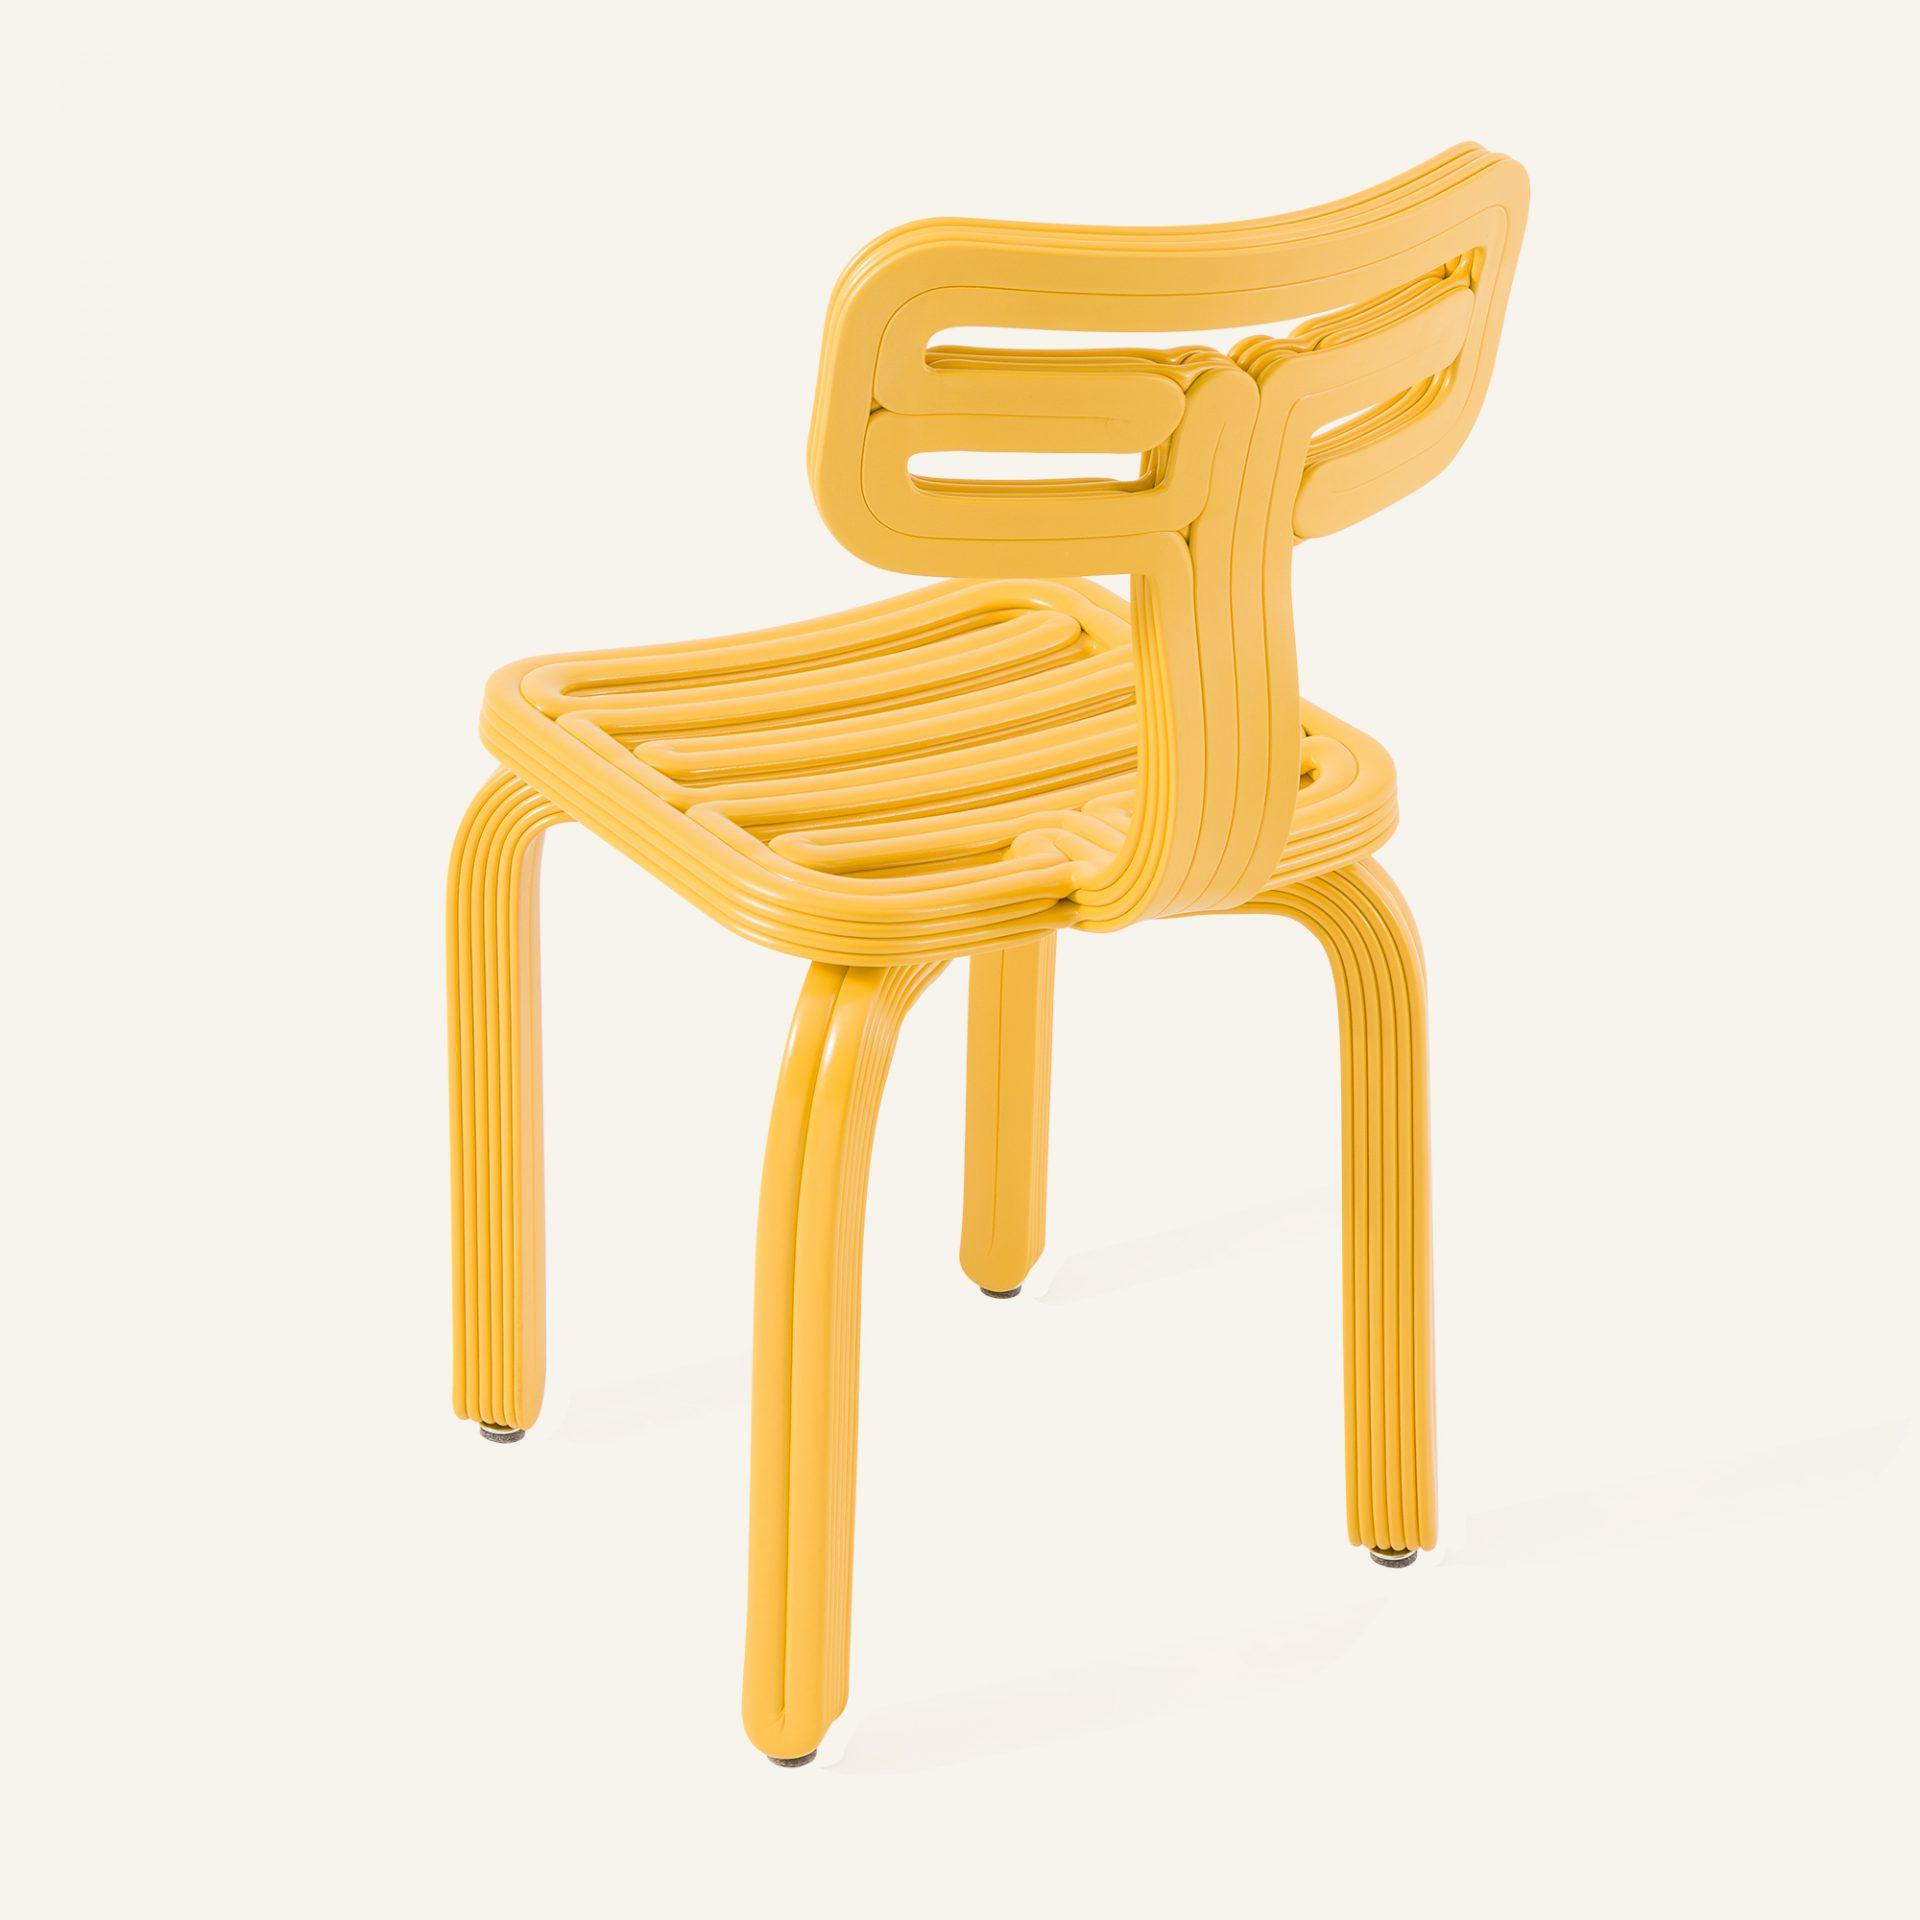 Kooij Chubby Chair Yellow